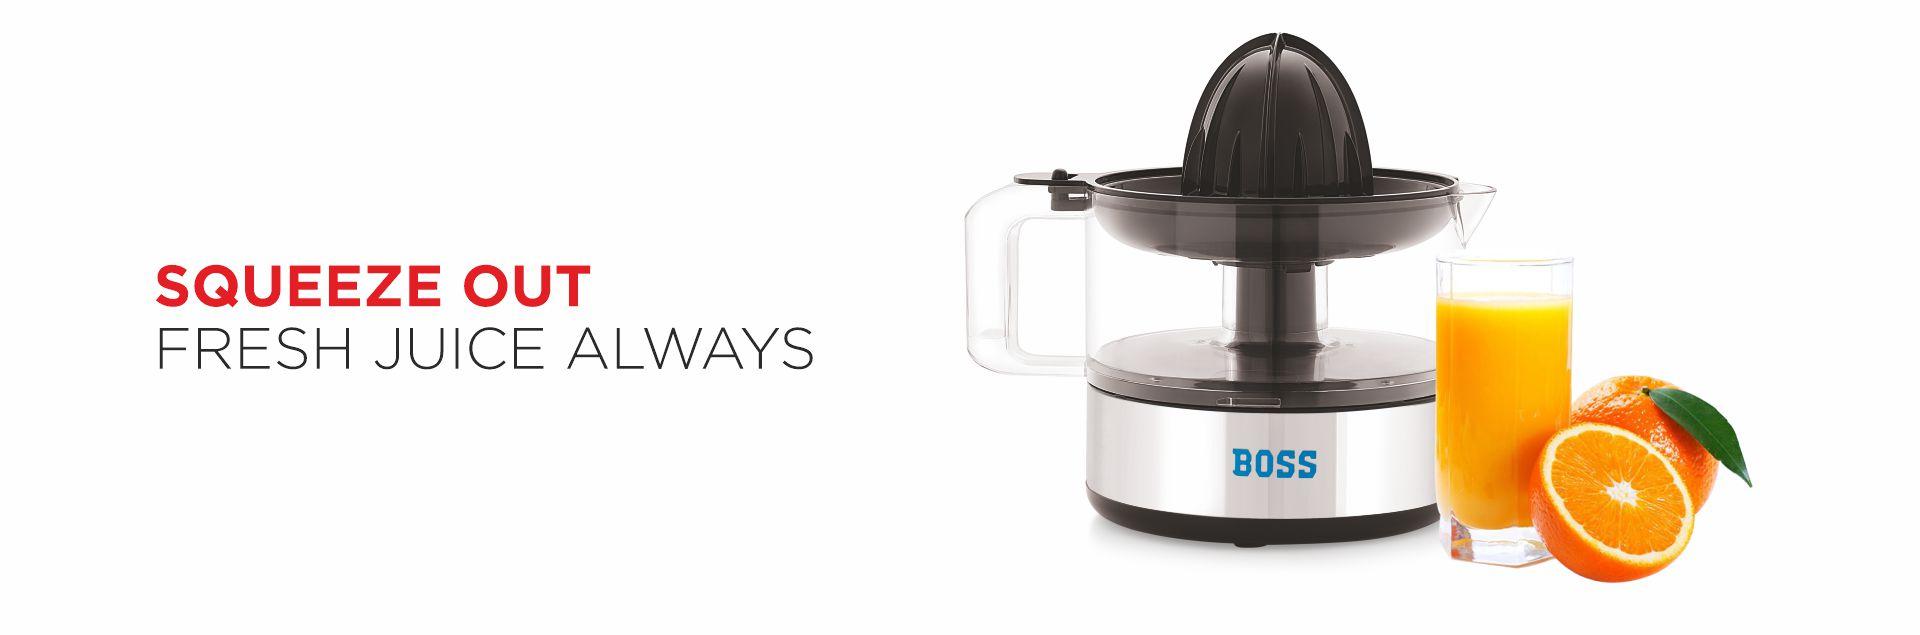 BOSS Portable Blender